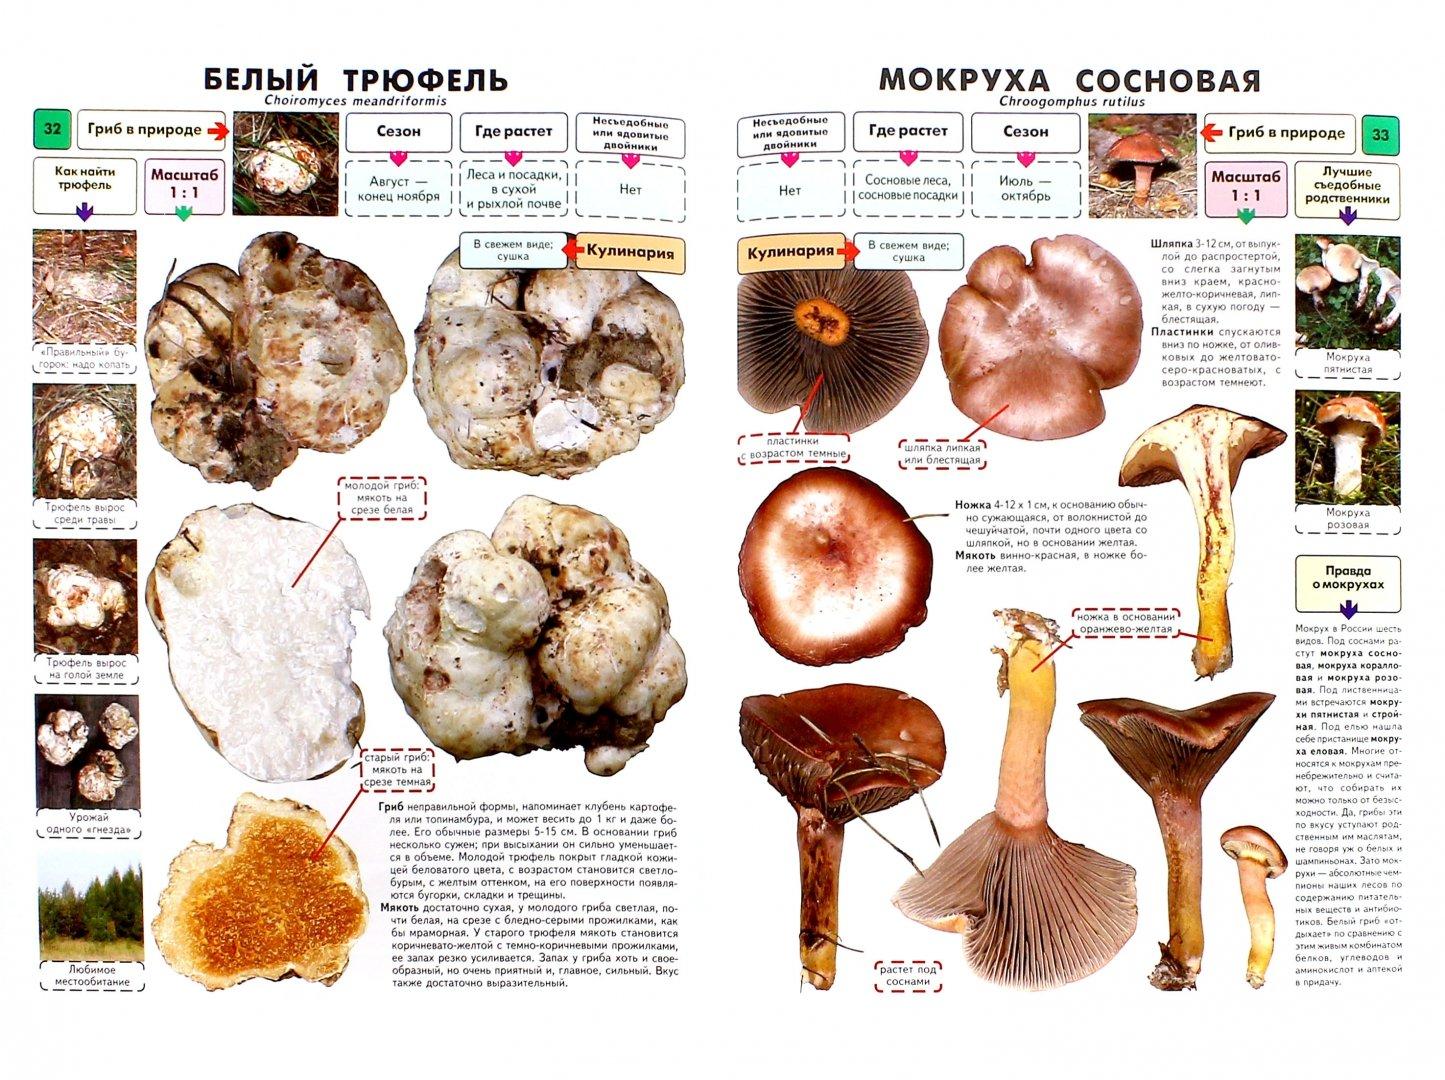 каталог грибов с фото и описанием россии что